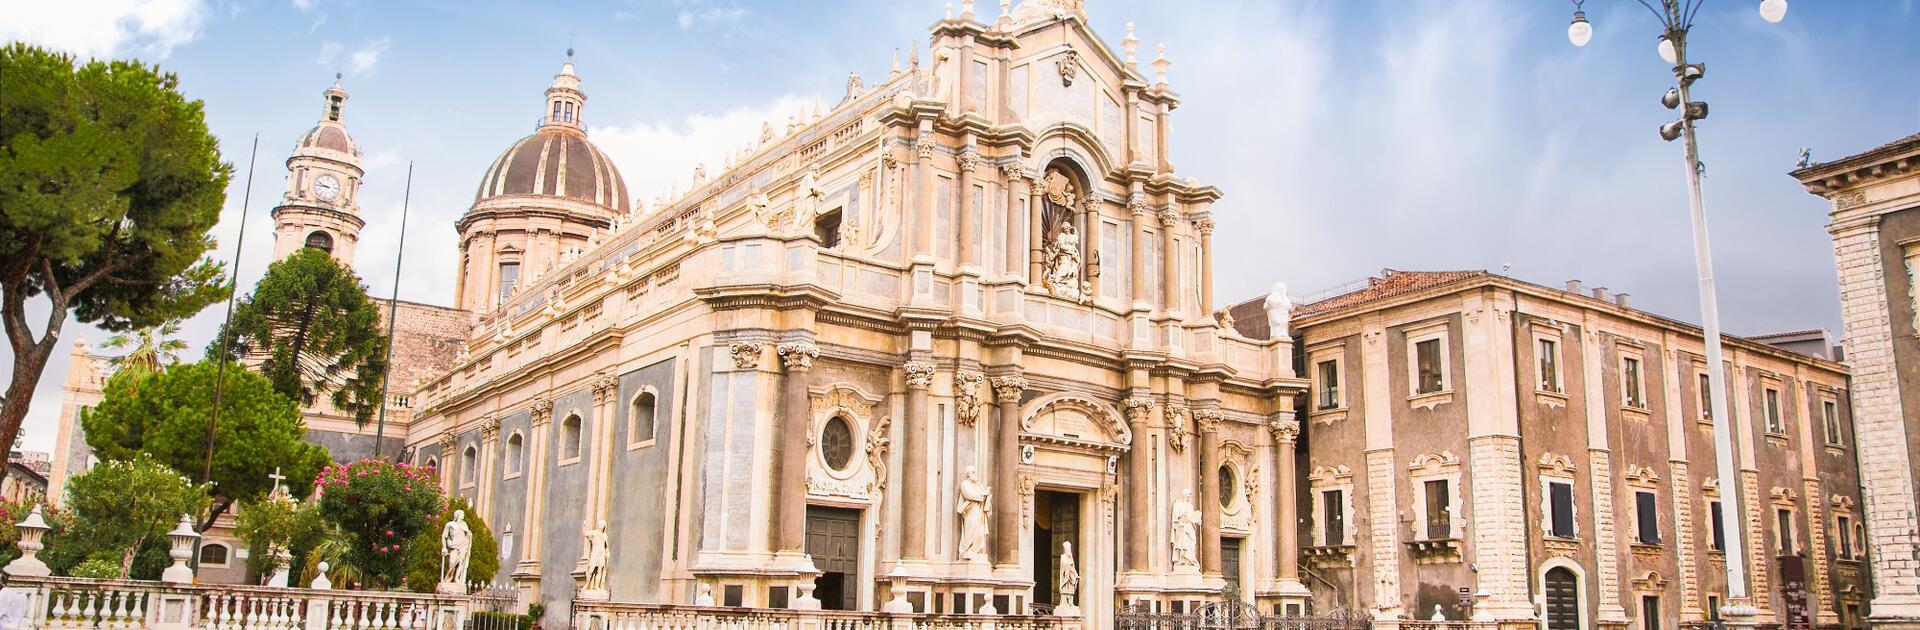 Ein Spaziergang im historischen Zentrum von Catania: Was gibt es zu sehen?